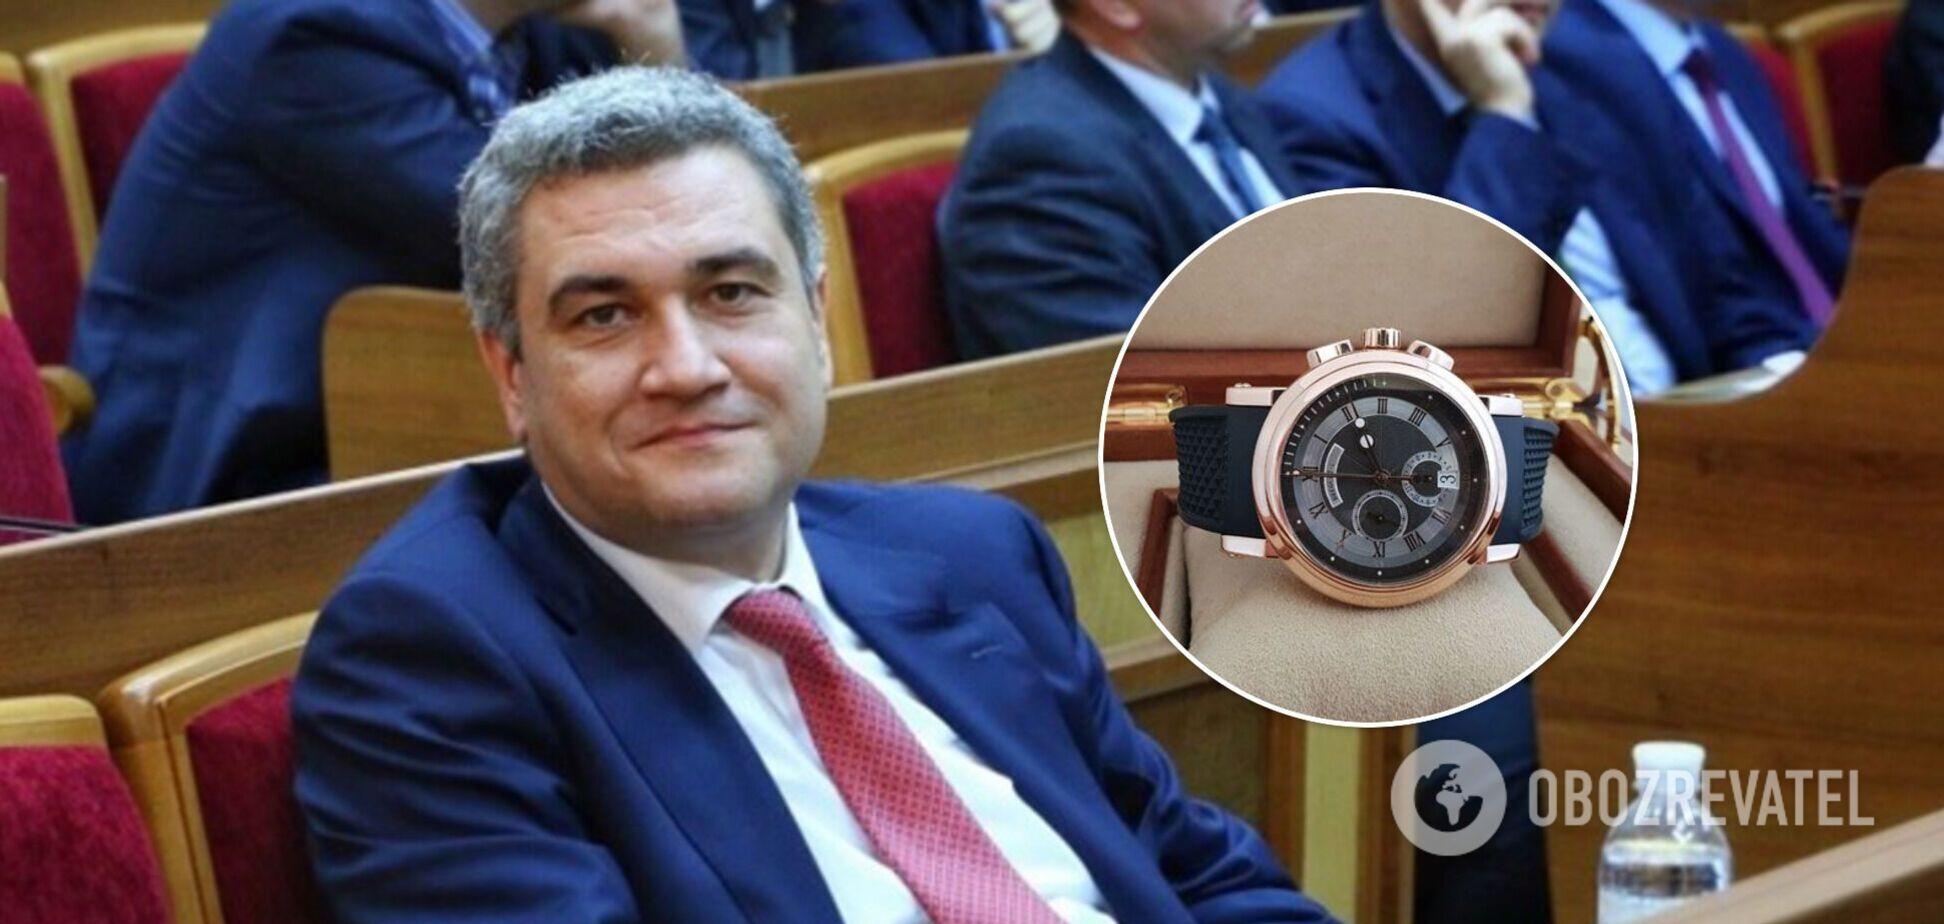 Анатолий Урбанский пришел в Раду в часах по цене квартиры